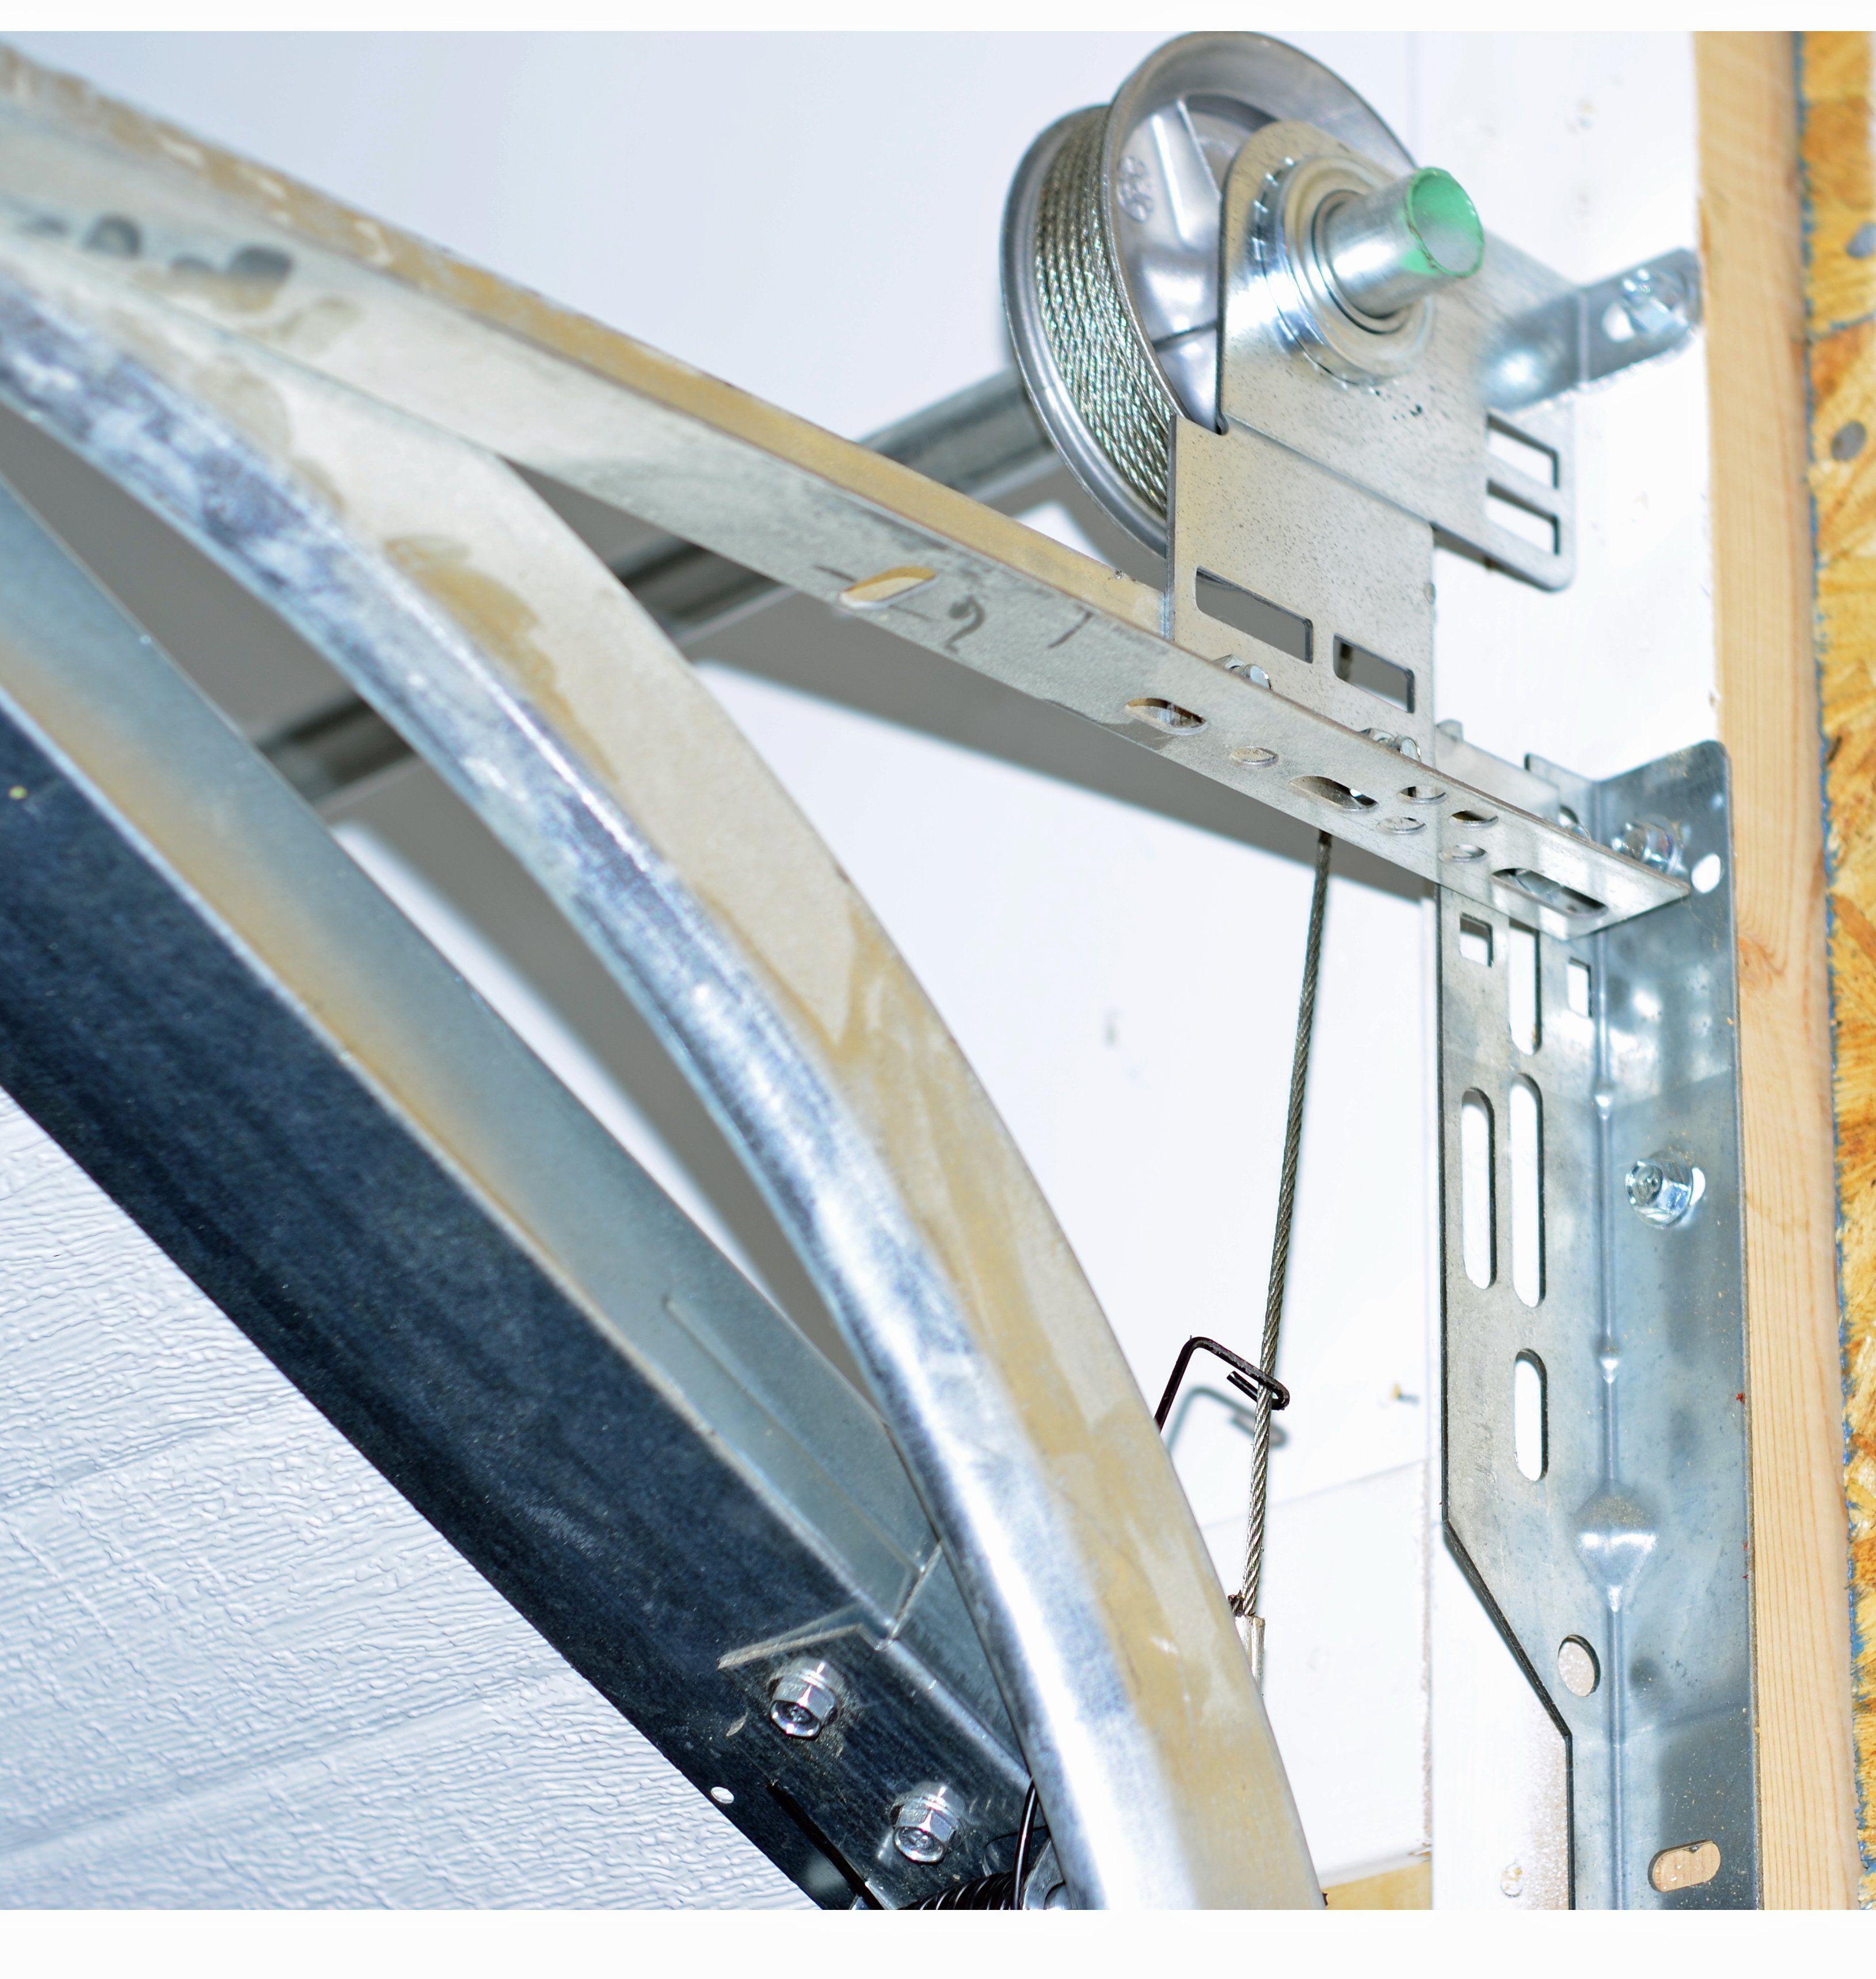 Garage Door Cable Http Undhimmi Com Garage Door Cable 3386 06